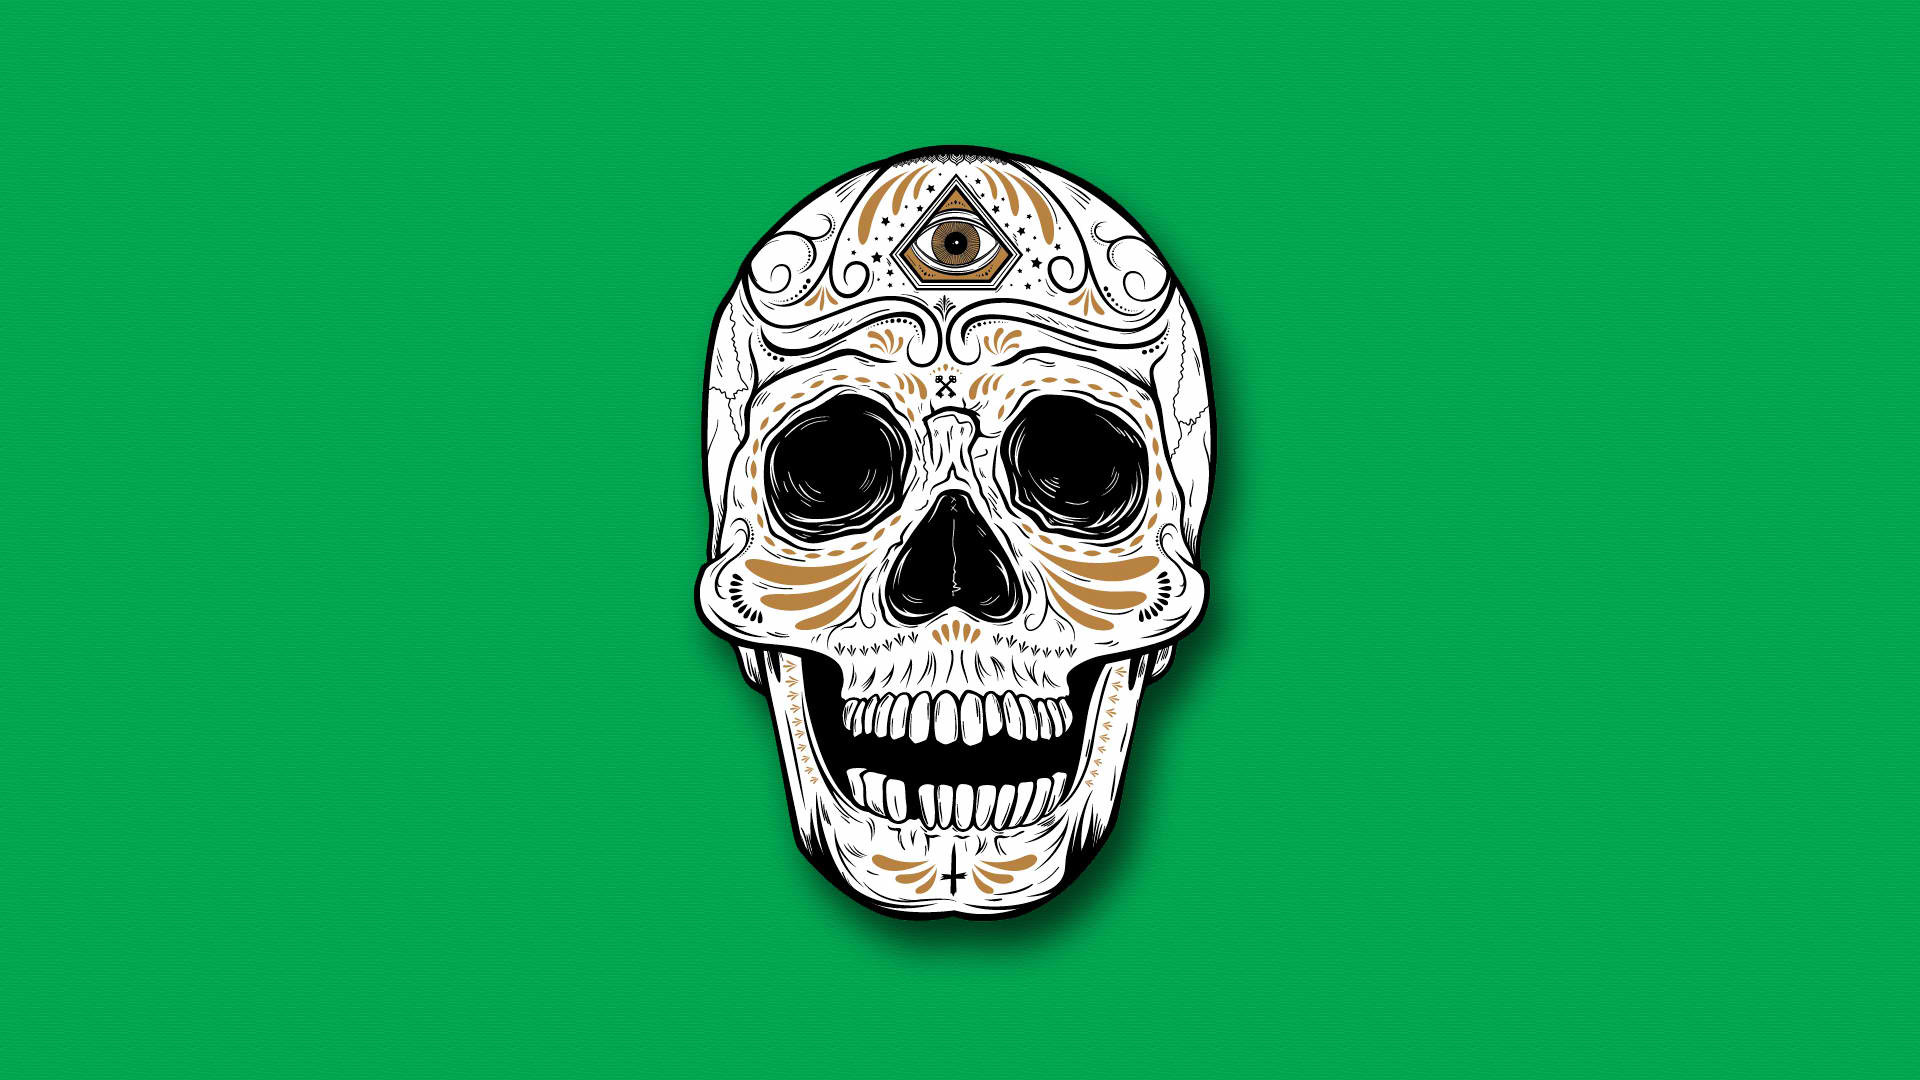 sugar skull wallpaper for iphone 62 images. Black Bedroom Furniture Sets. Home Design Ideas